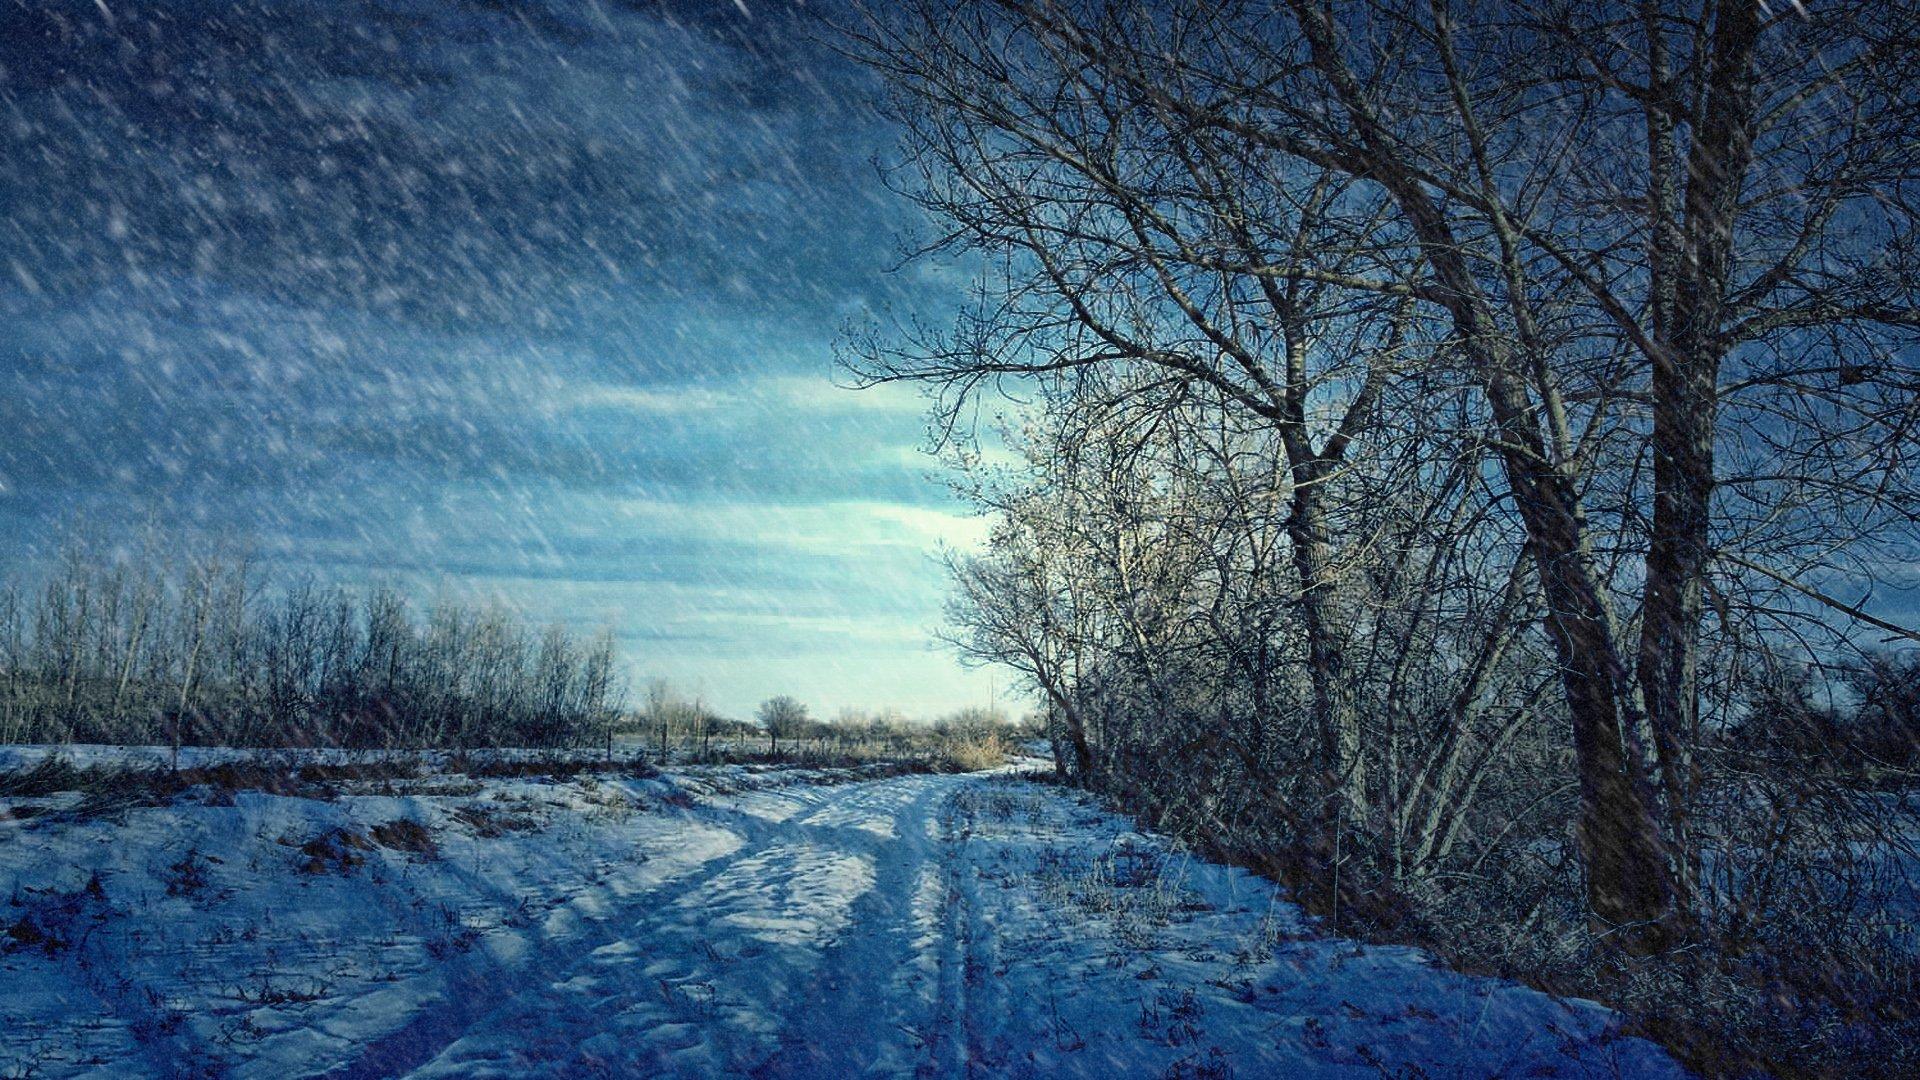 Winter Scenes Wallpaper Desktop 1920x1080